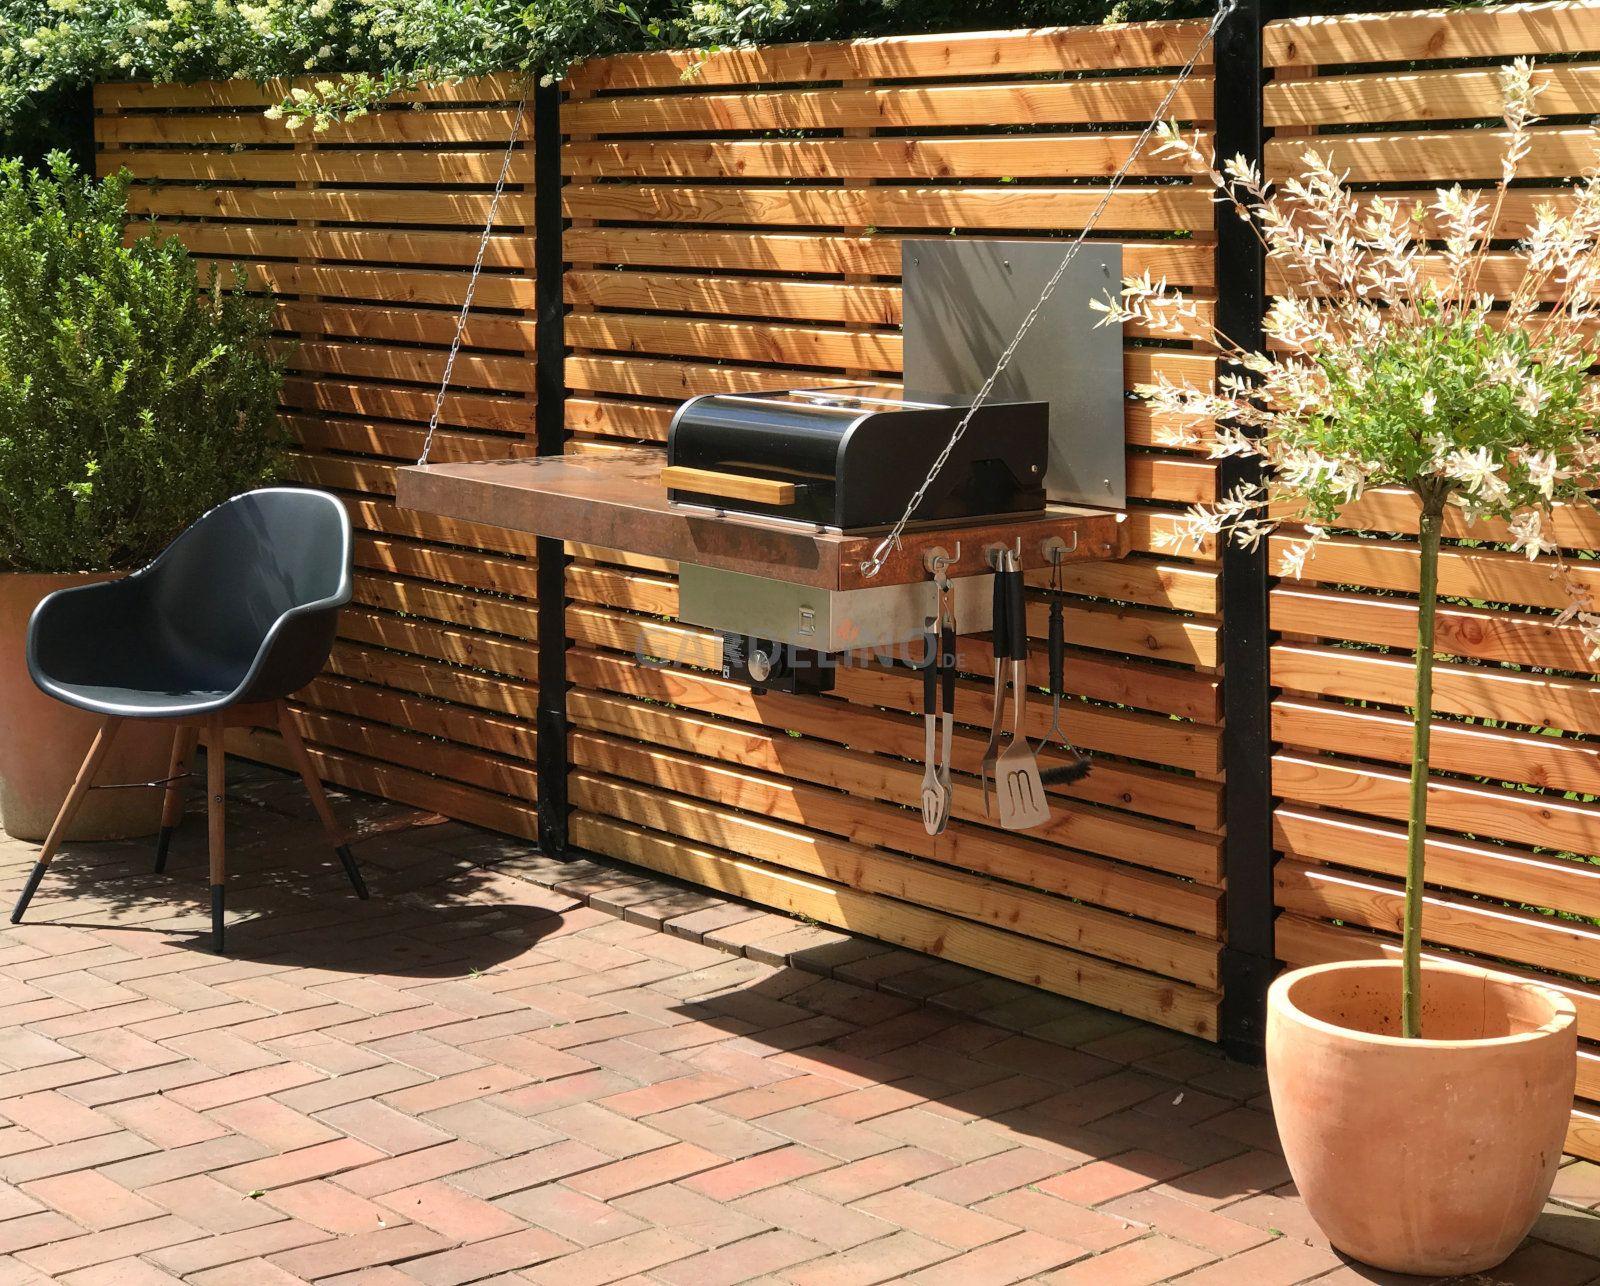 Outdoor Küche Balkon : Outdoor küche balkon theke küche arbeitsplatte outdoor küche auf